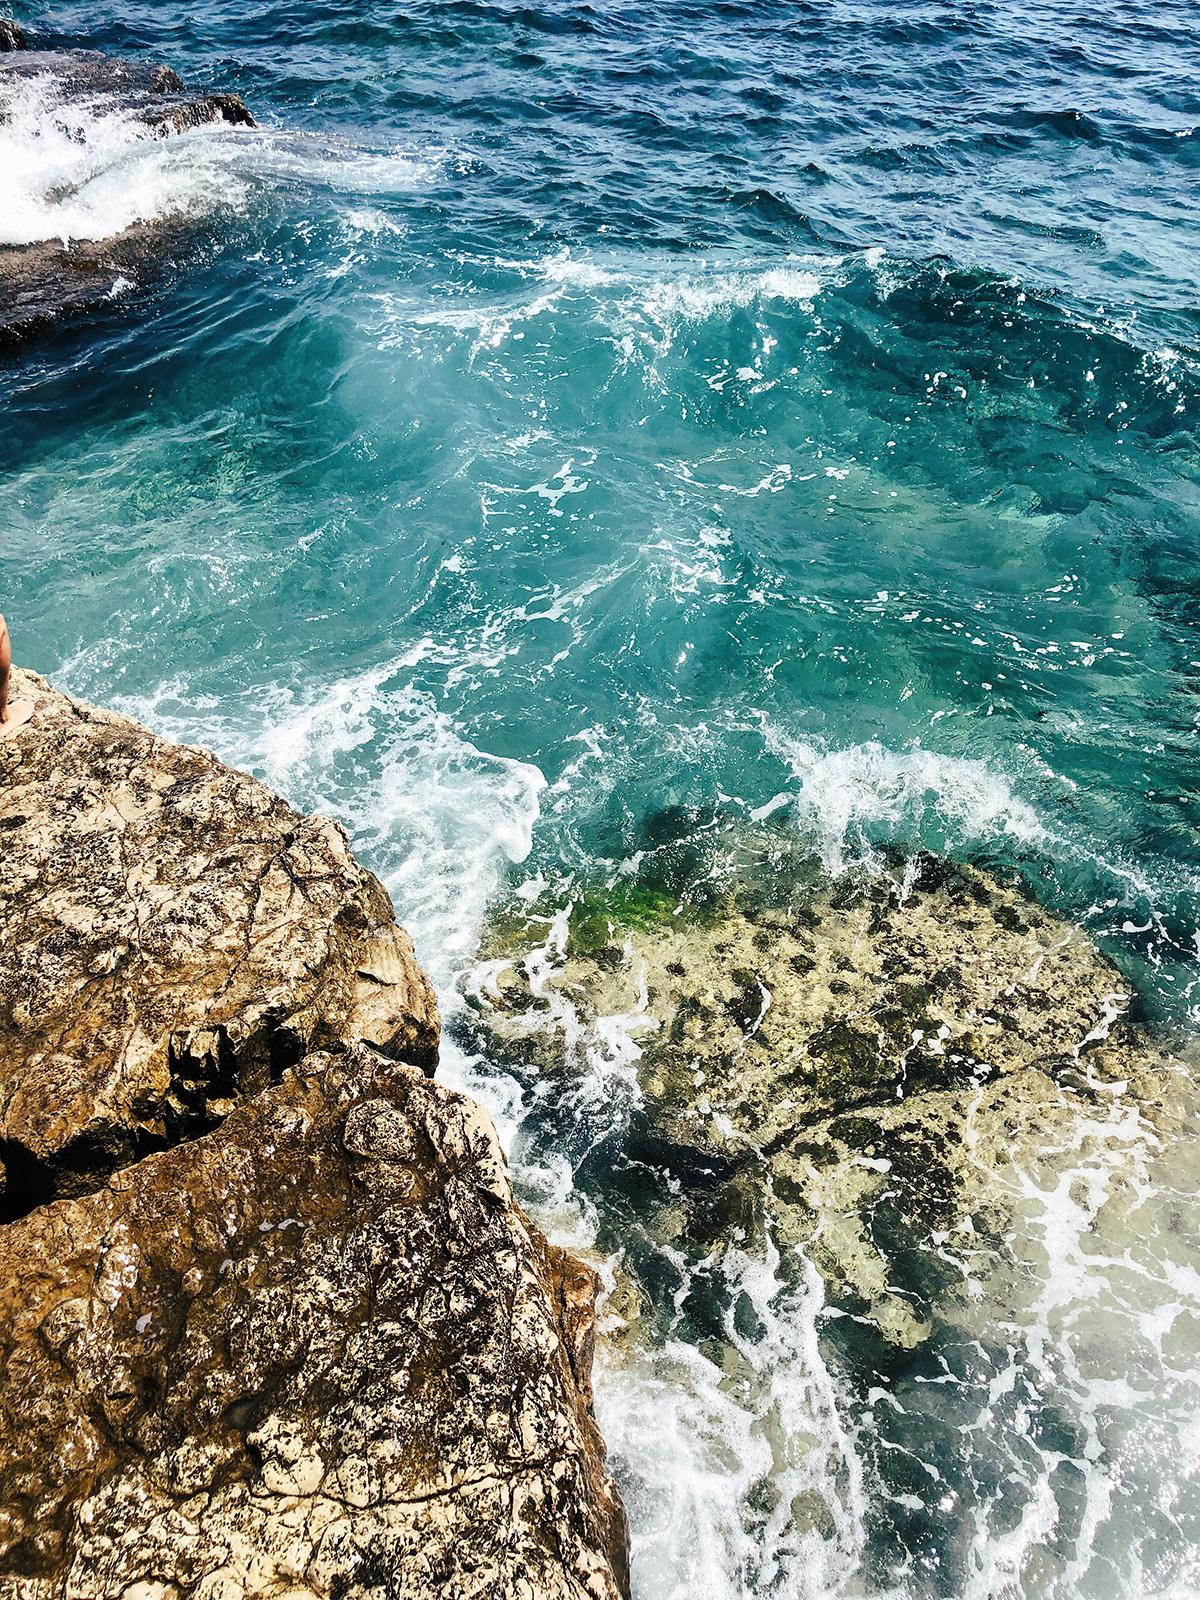 ohranimo-naravo-čisto-in-neokrnjeno-lili-in-roza-blog-skrb-za-okolje-morje-2.JPG